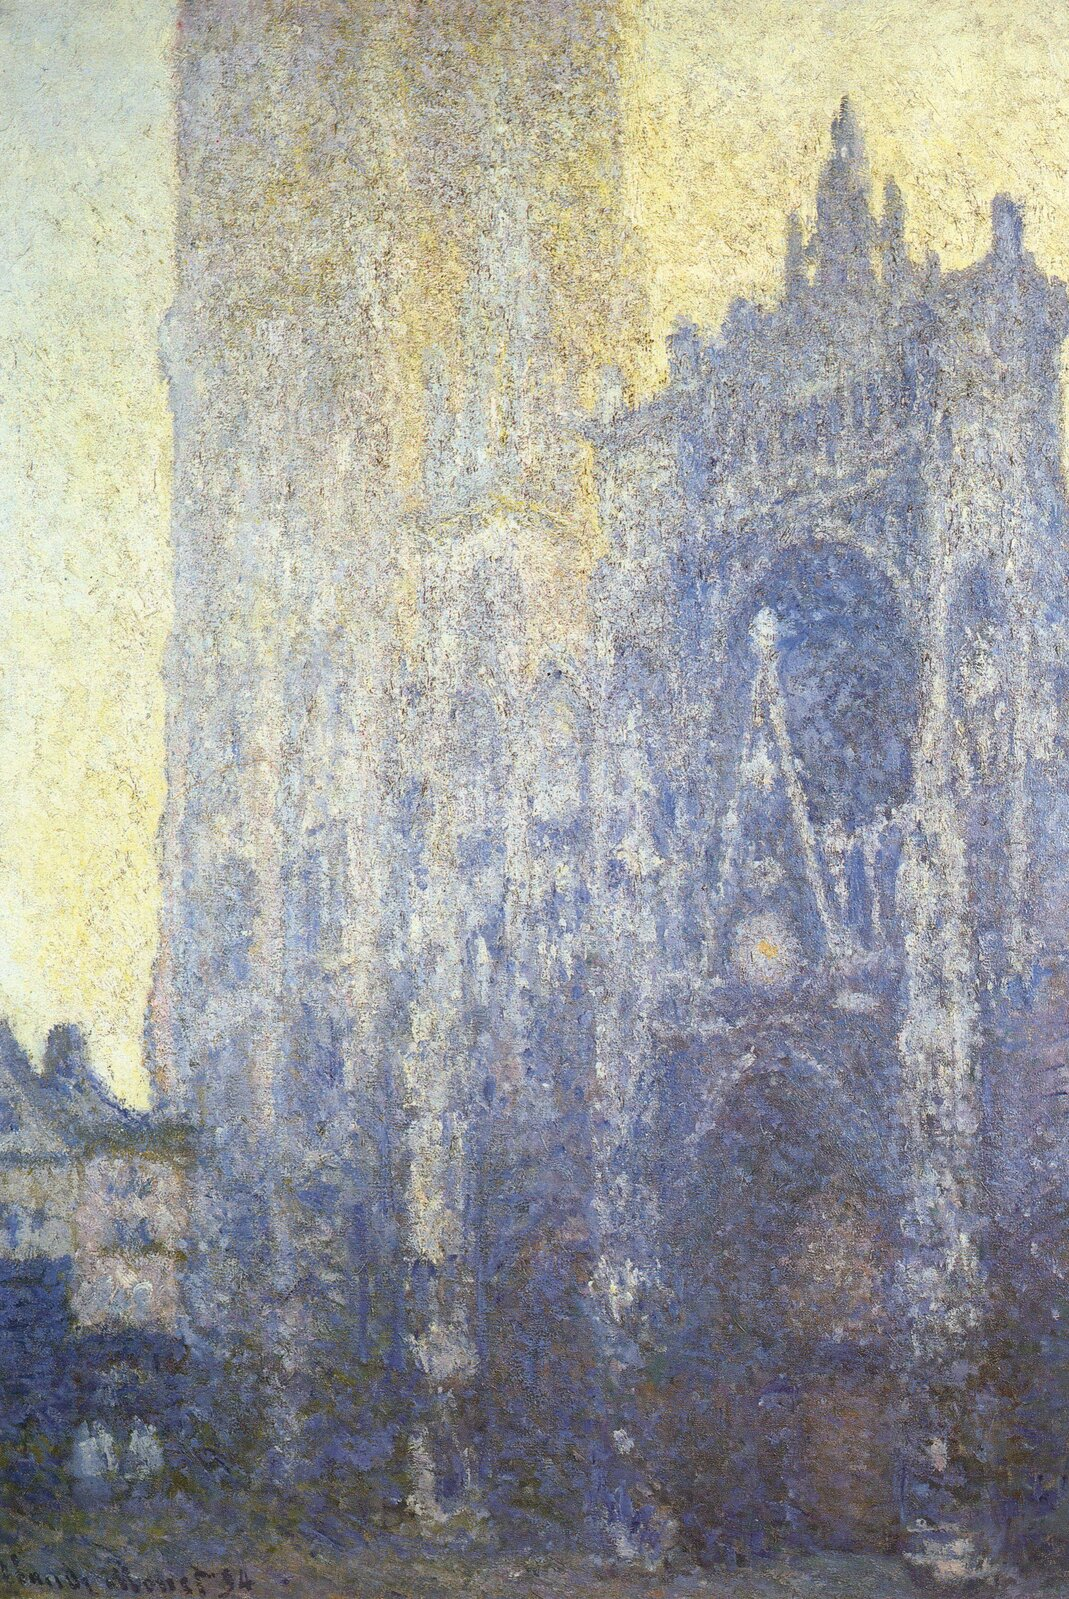 """Claude Monet, """"Katedra wRouen"""", 1892–1894, olej na płótnie,  Muzeum Folkwang, Essen, Niemcy, wikimedia.org, domena publiczna"""